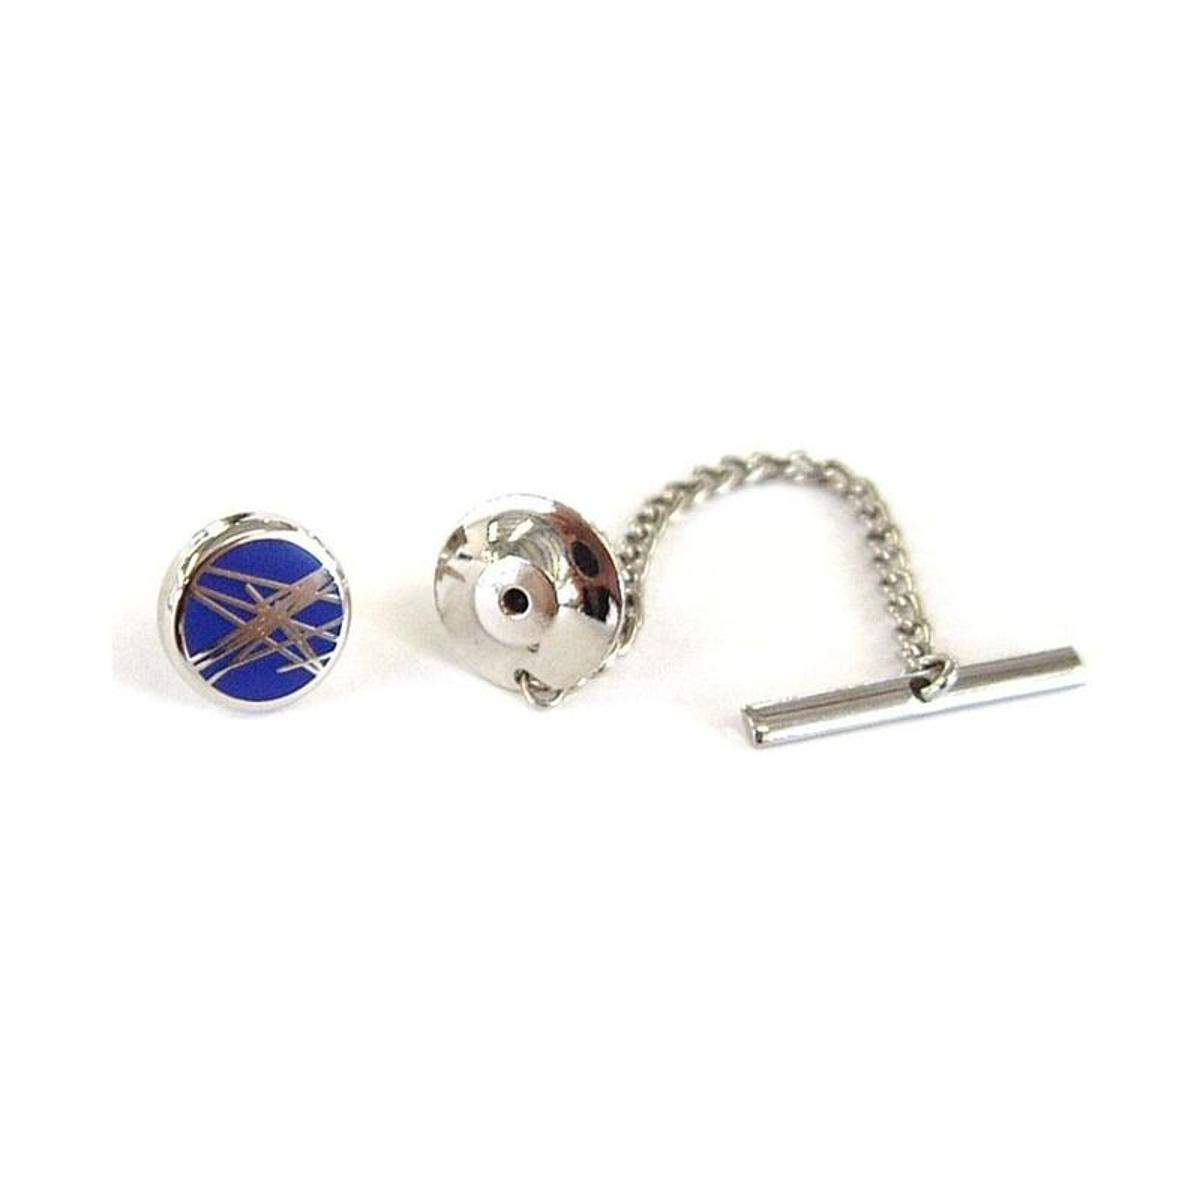 Epingle à cravate acier rhodié diffusion